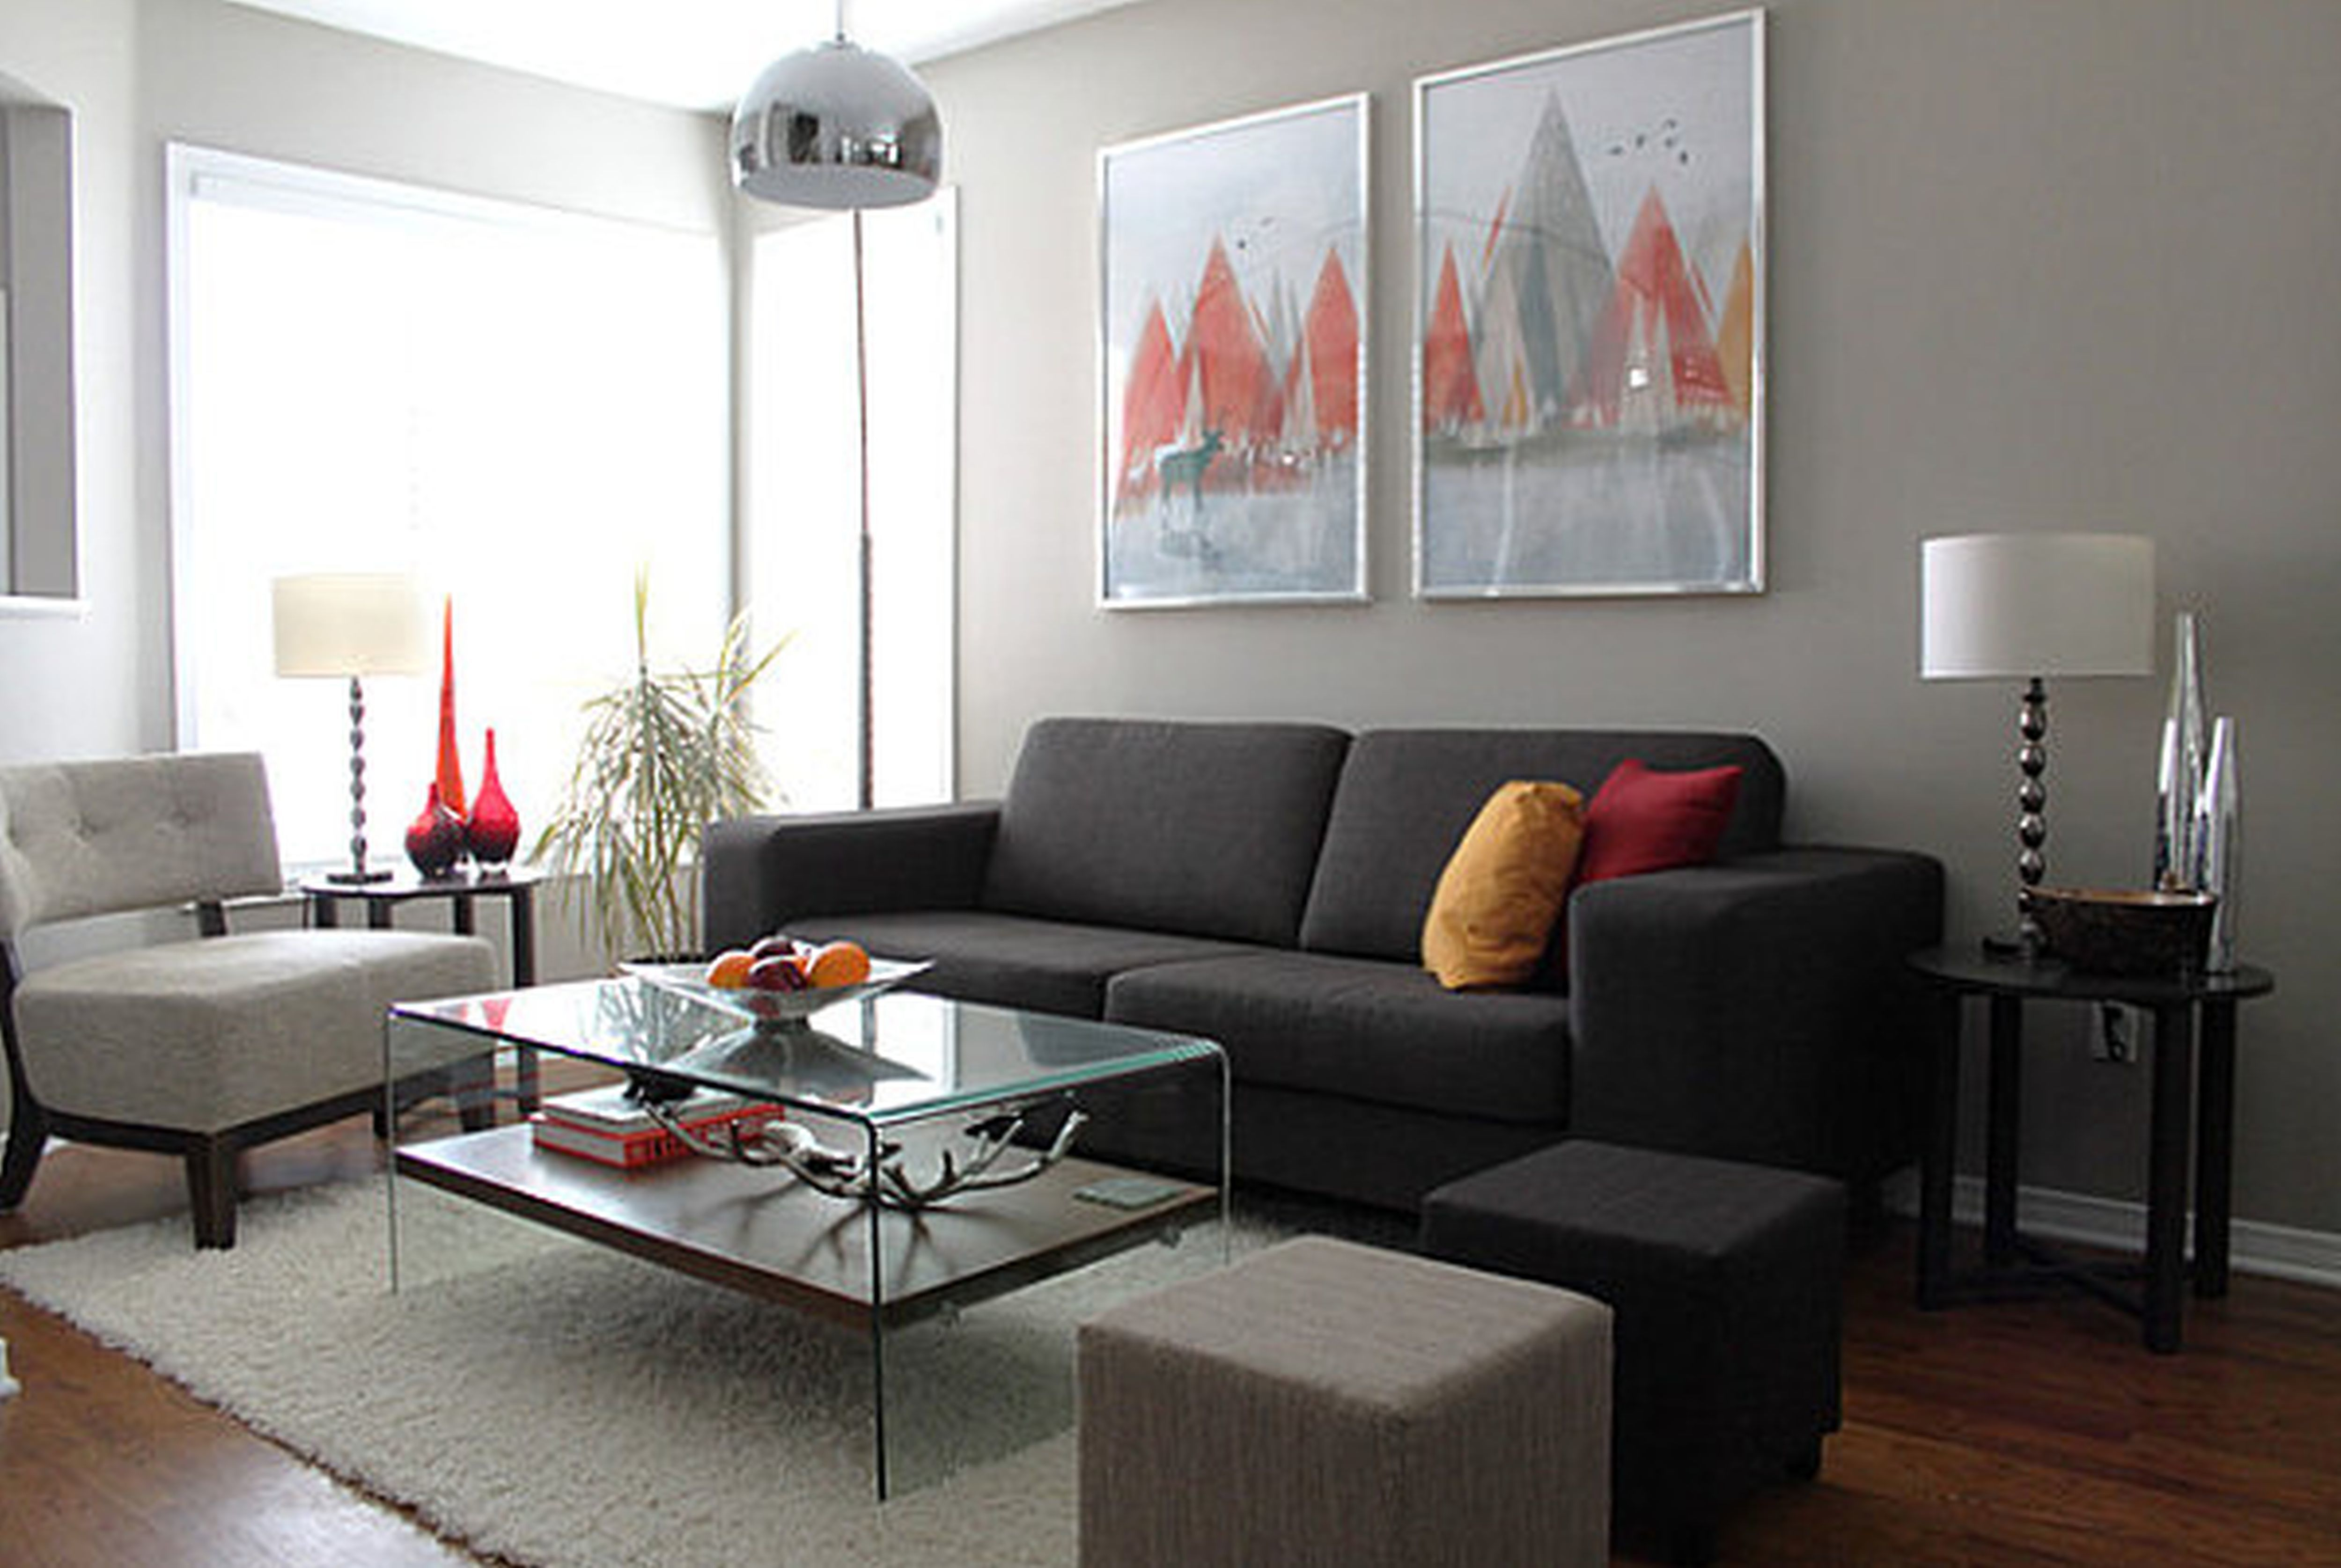 Wohnzimmer Designs #Badezimmer #B Rom Bel #Couchtisch #Deko Ideen #Gartenm